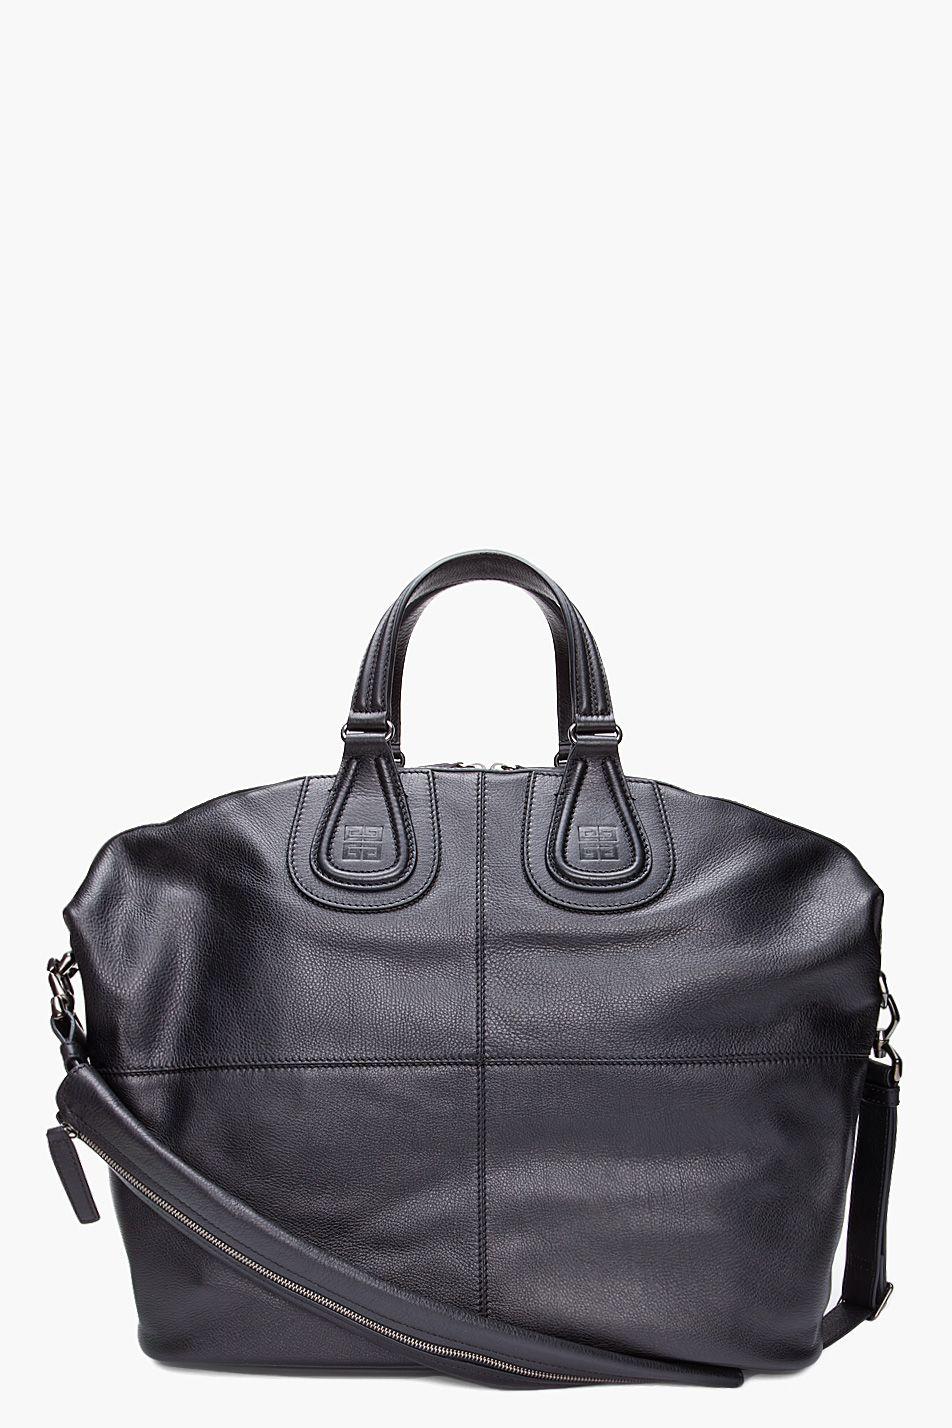 nightingale bag - nice and roomy